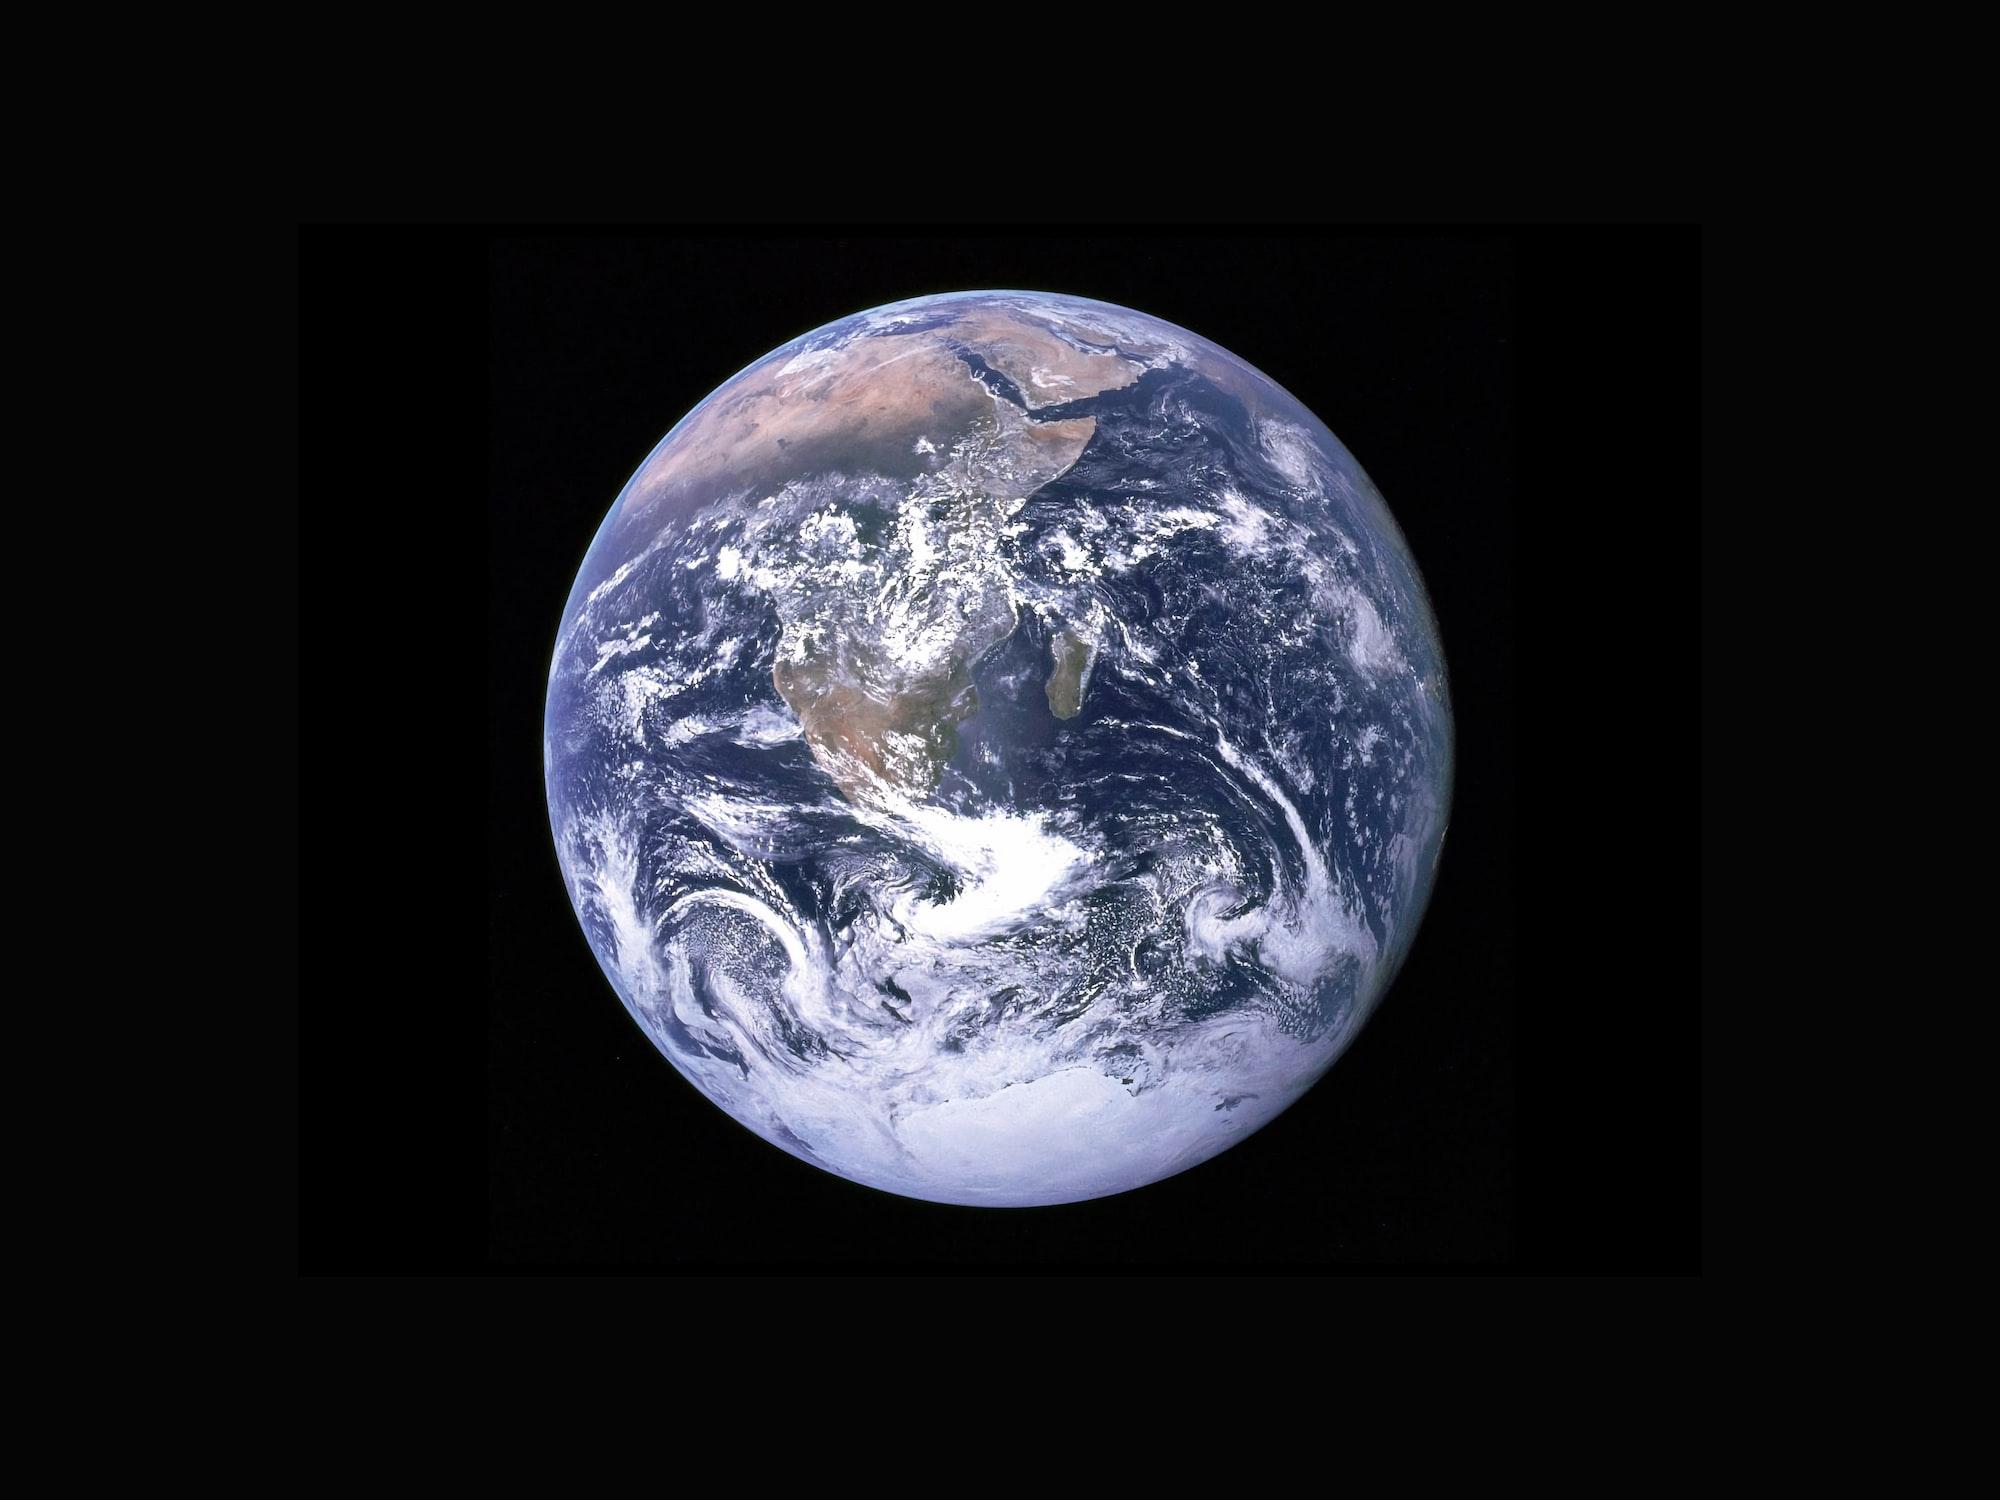 Ressourcen der Erde verbraucht - Wo ist die nächste?